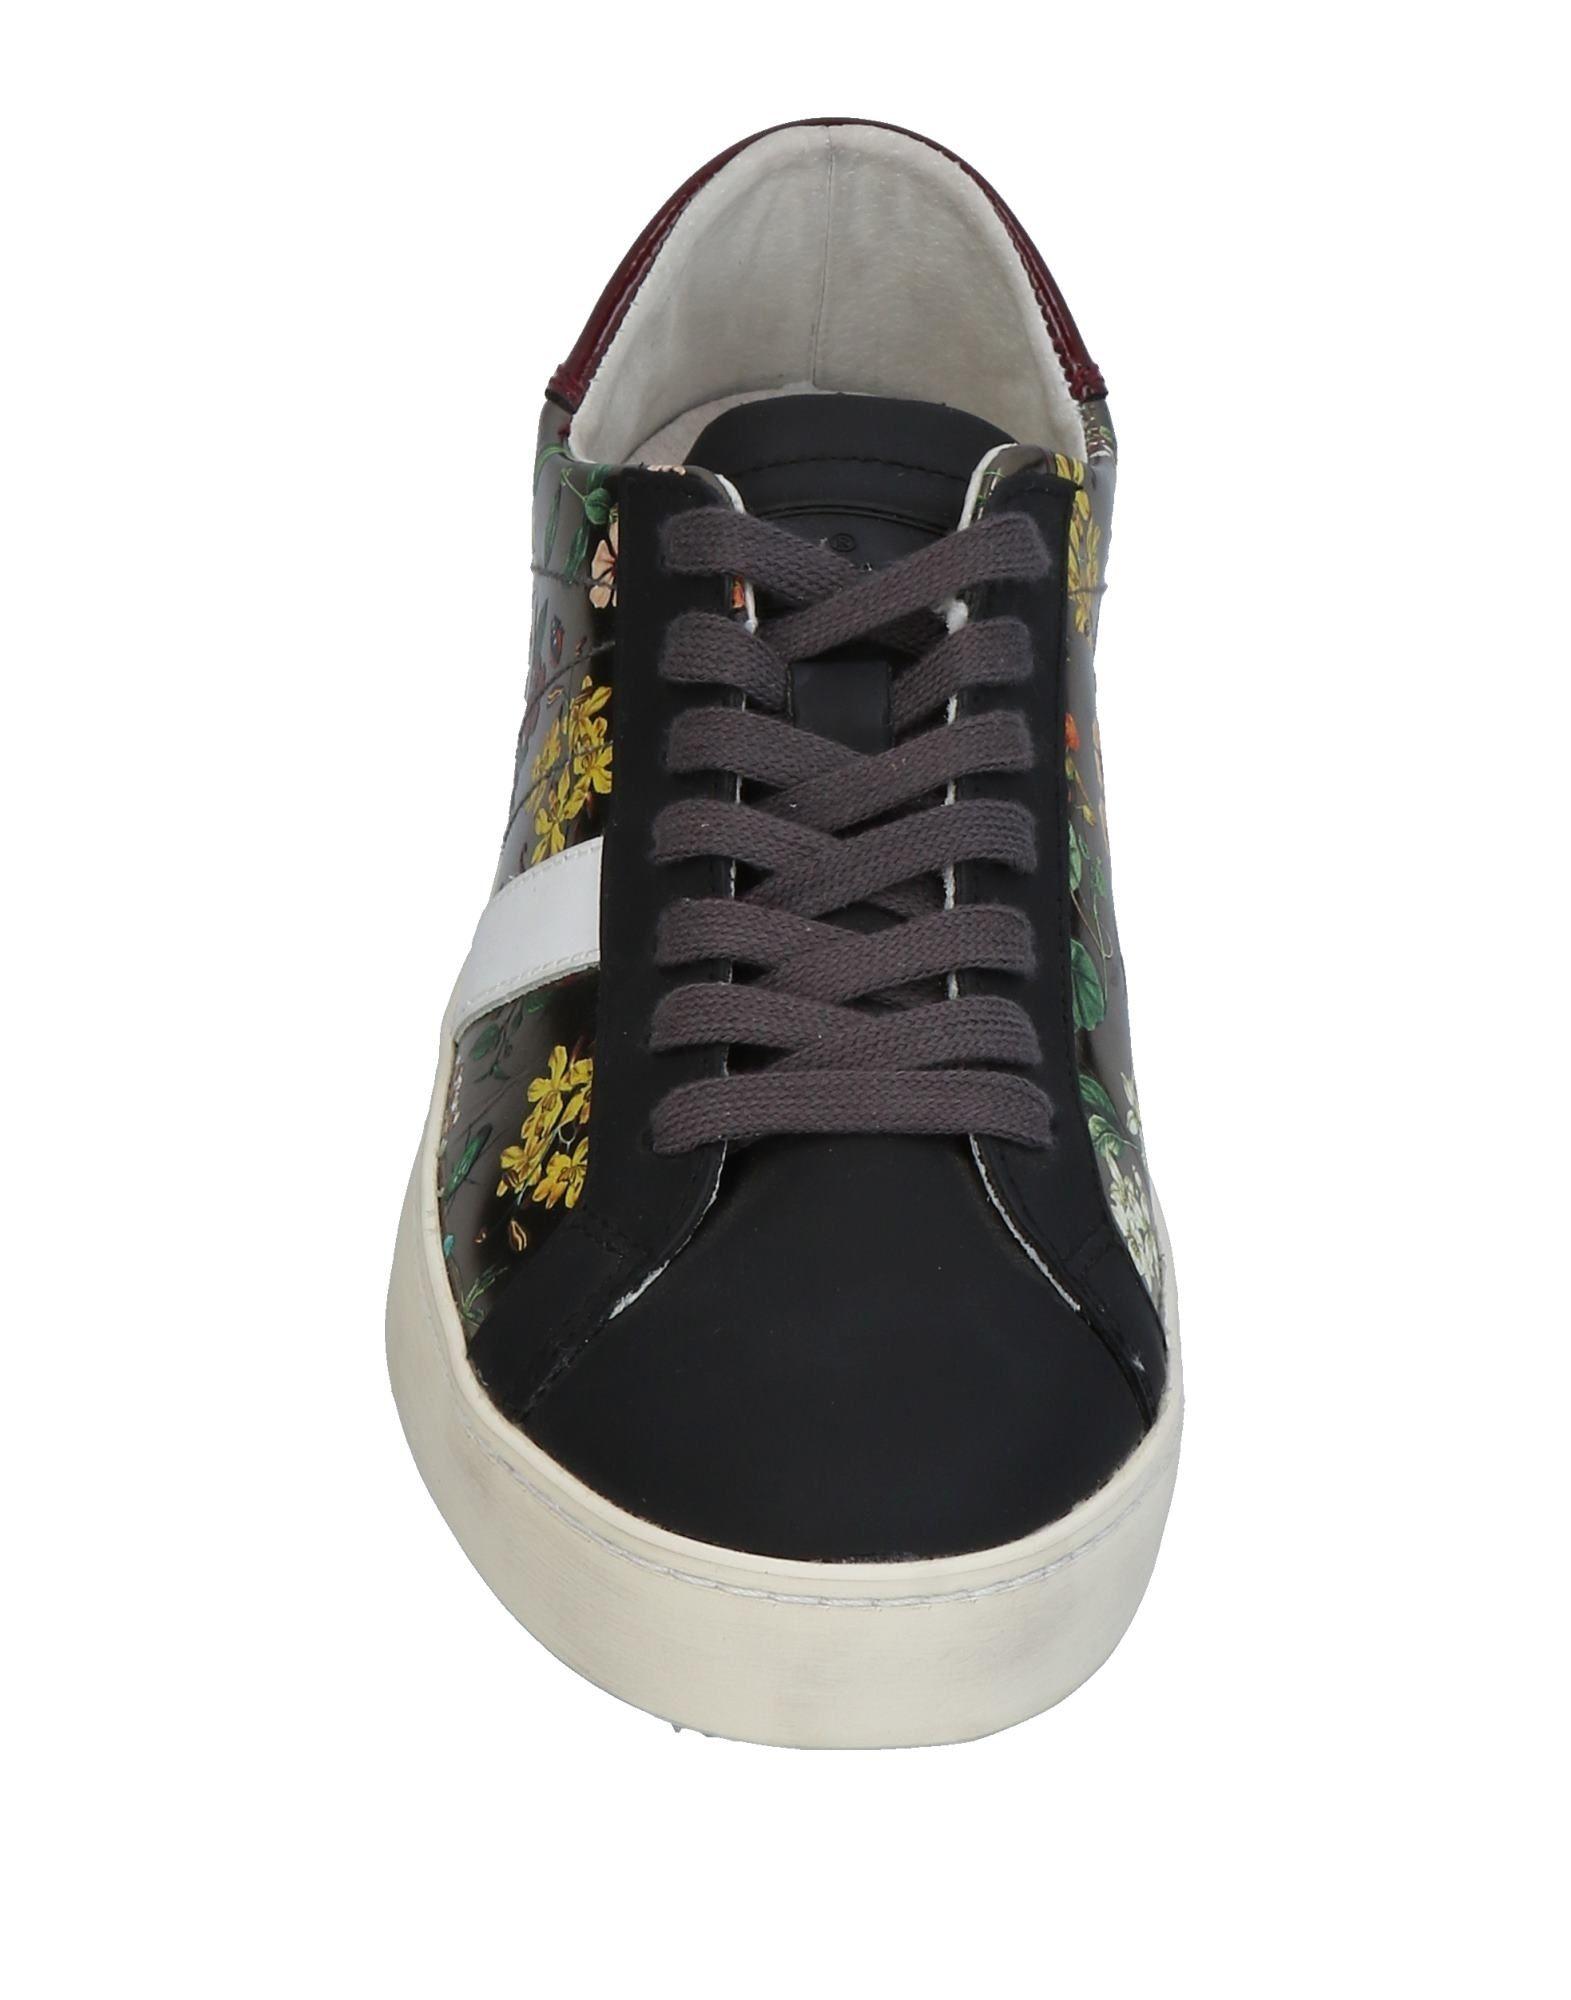 D.A.T.E. Sneakers Damen  11463464EA Schuhe Gute Qualität beliebte Schuhe 11463464EA 0953b1